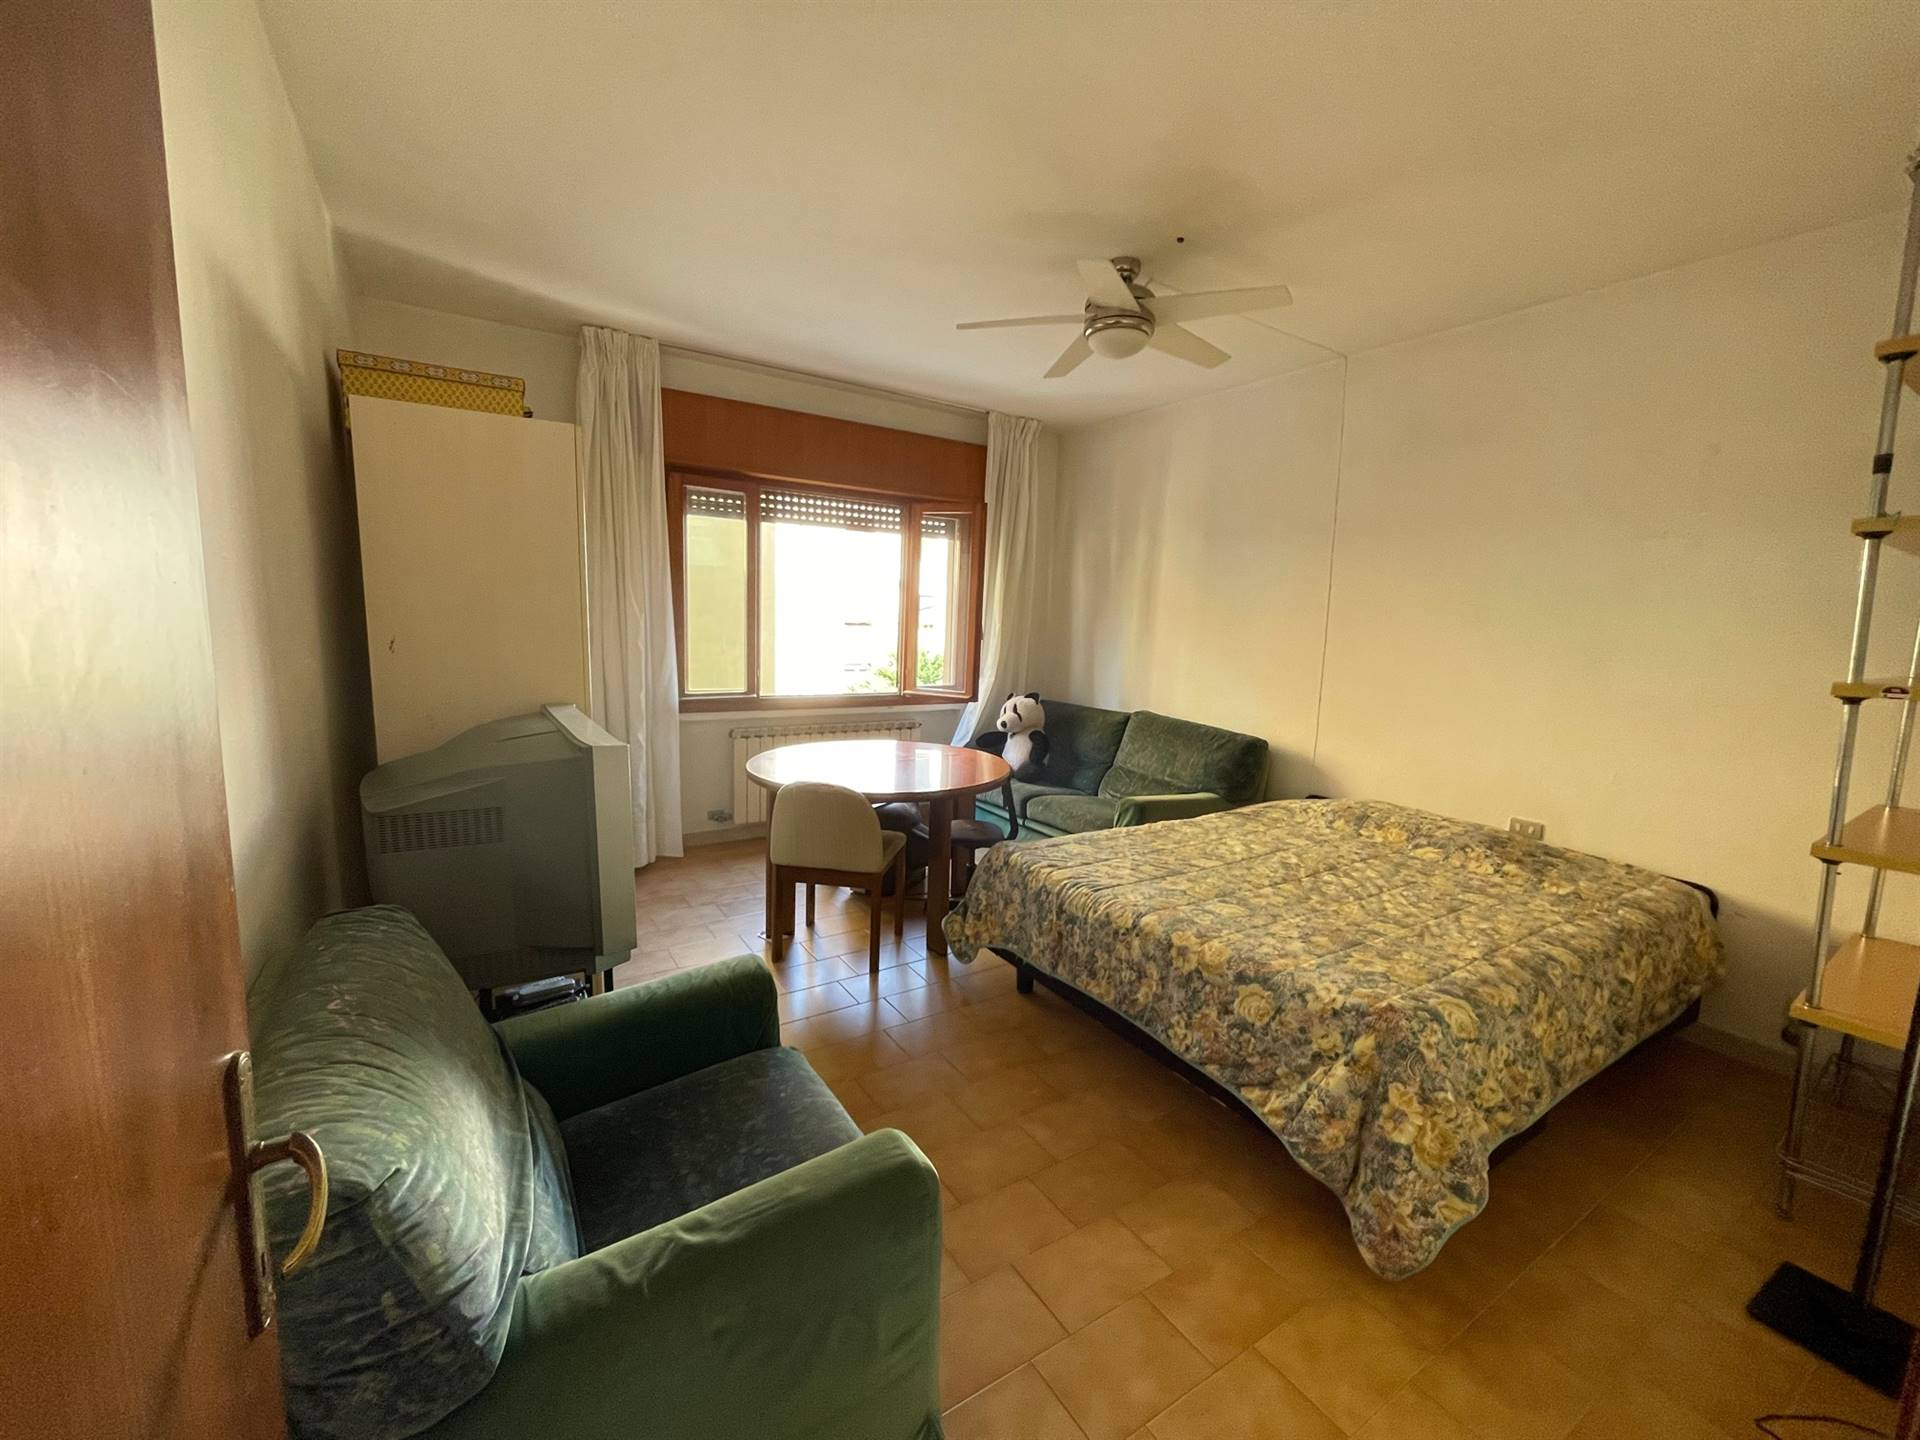 Mestre centro in vendita appartamento con 3 camere